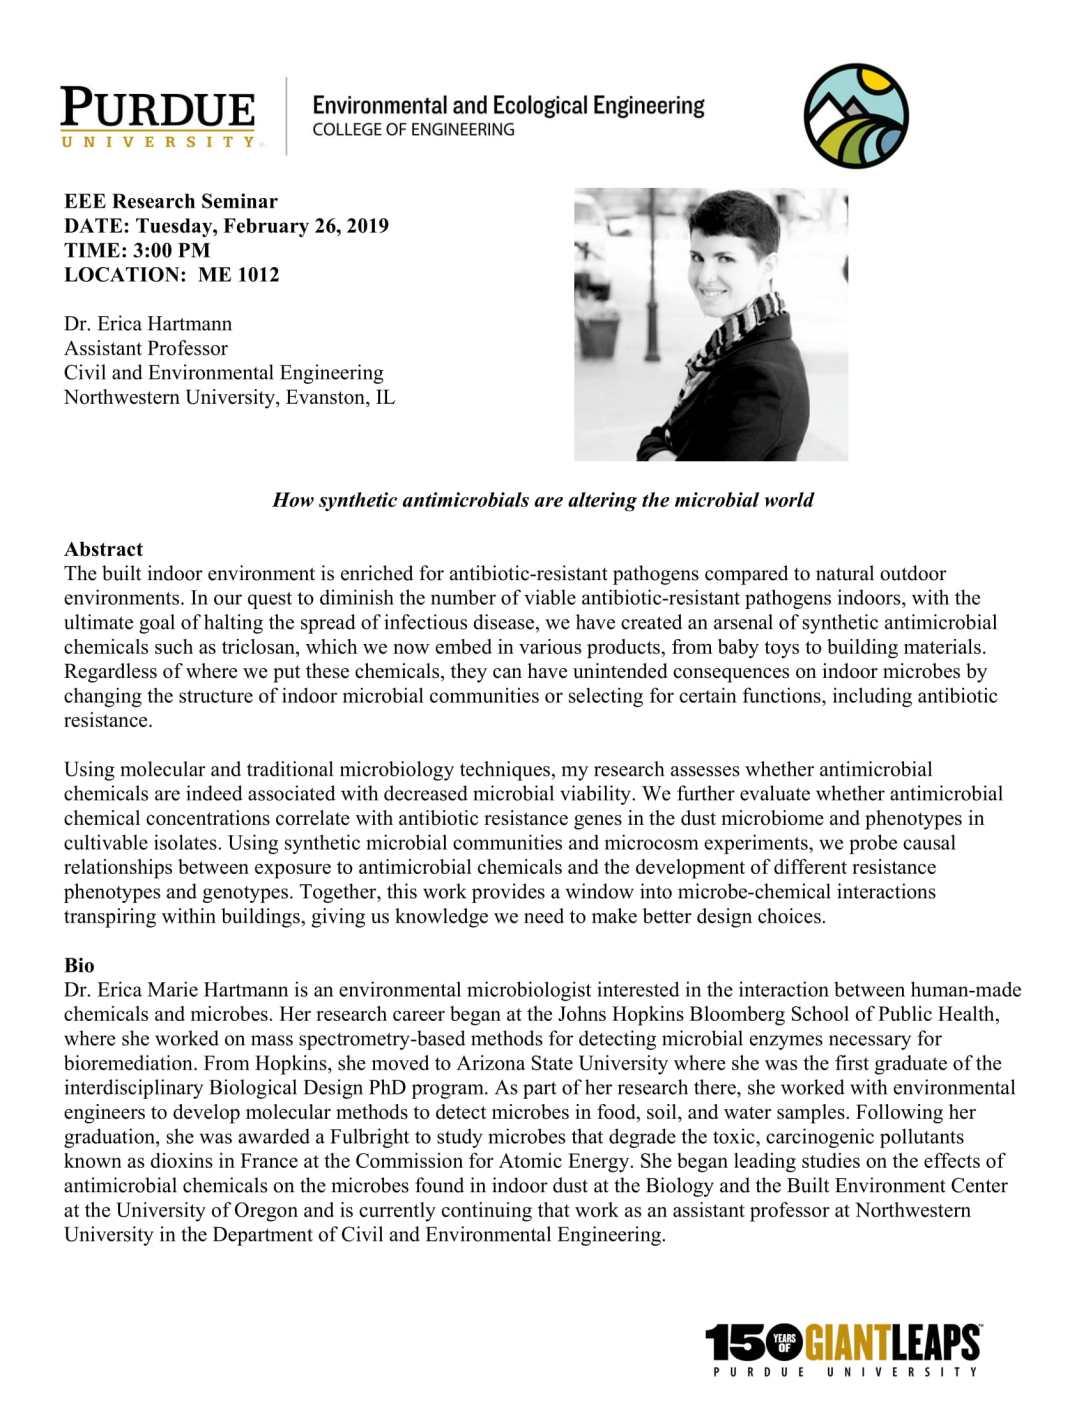 Hartmann seminar announcement-1